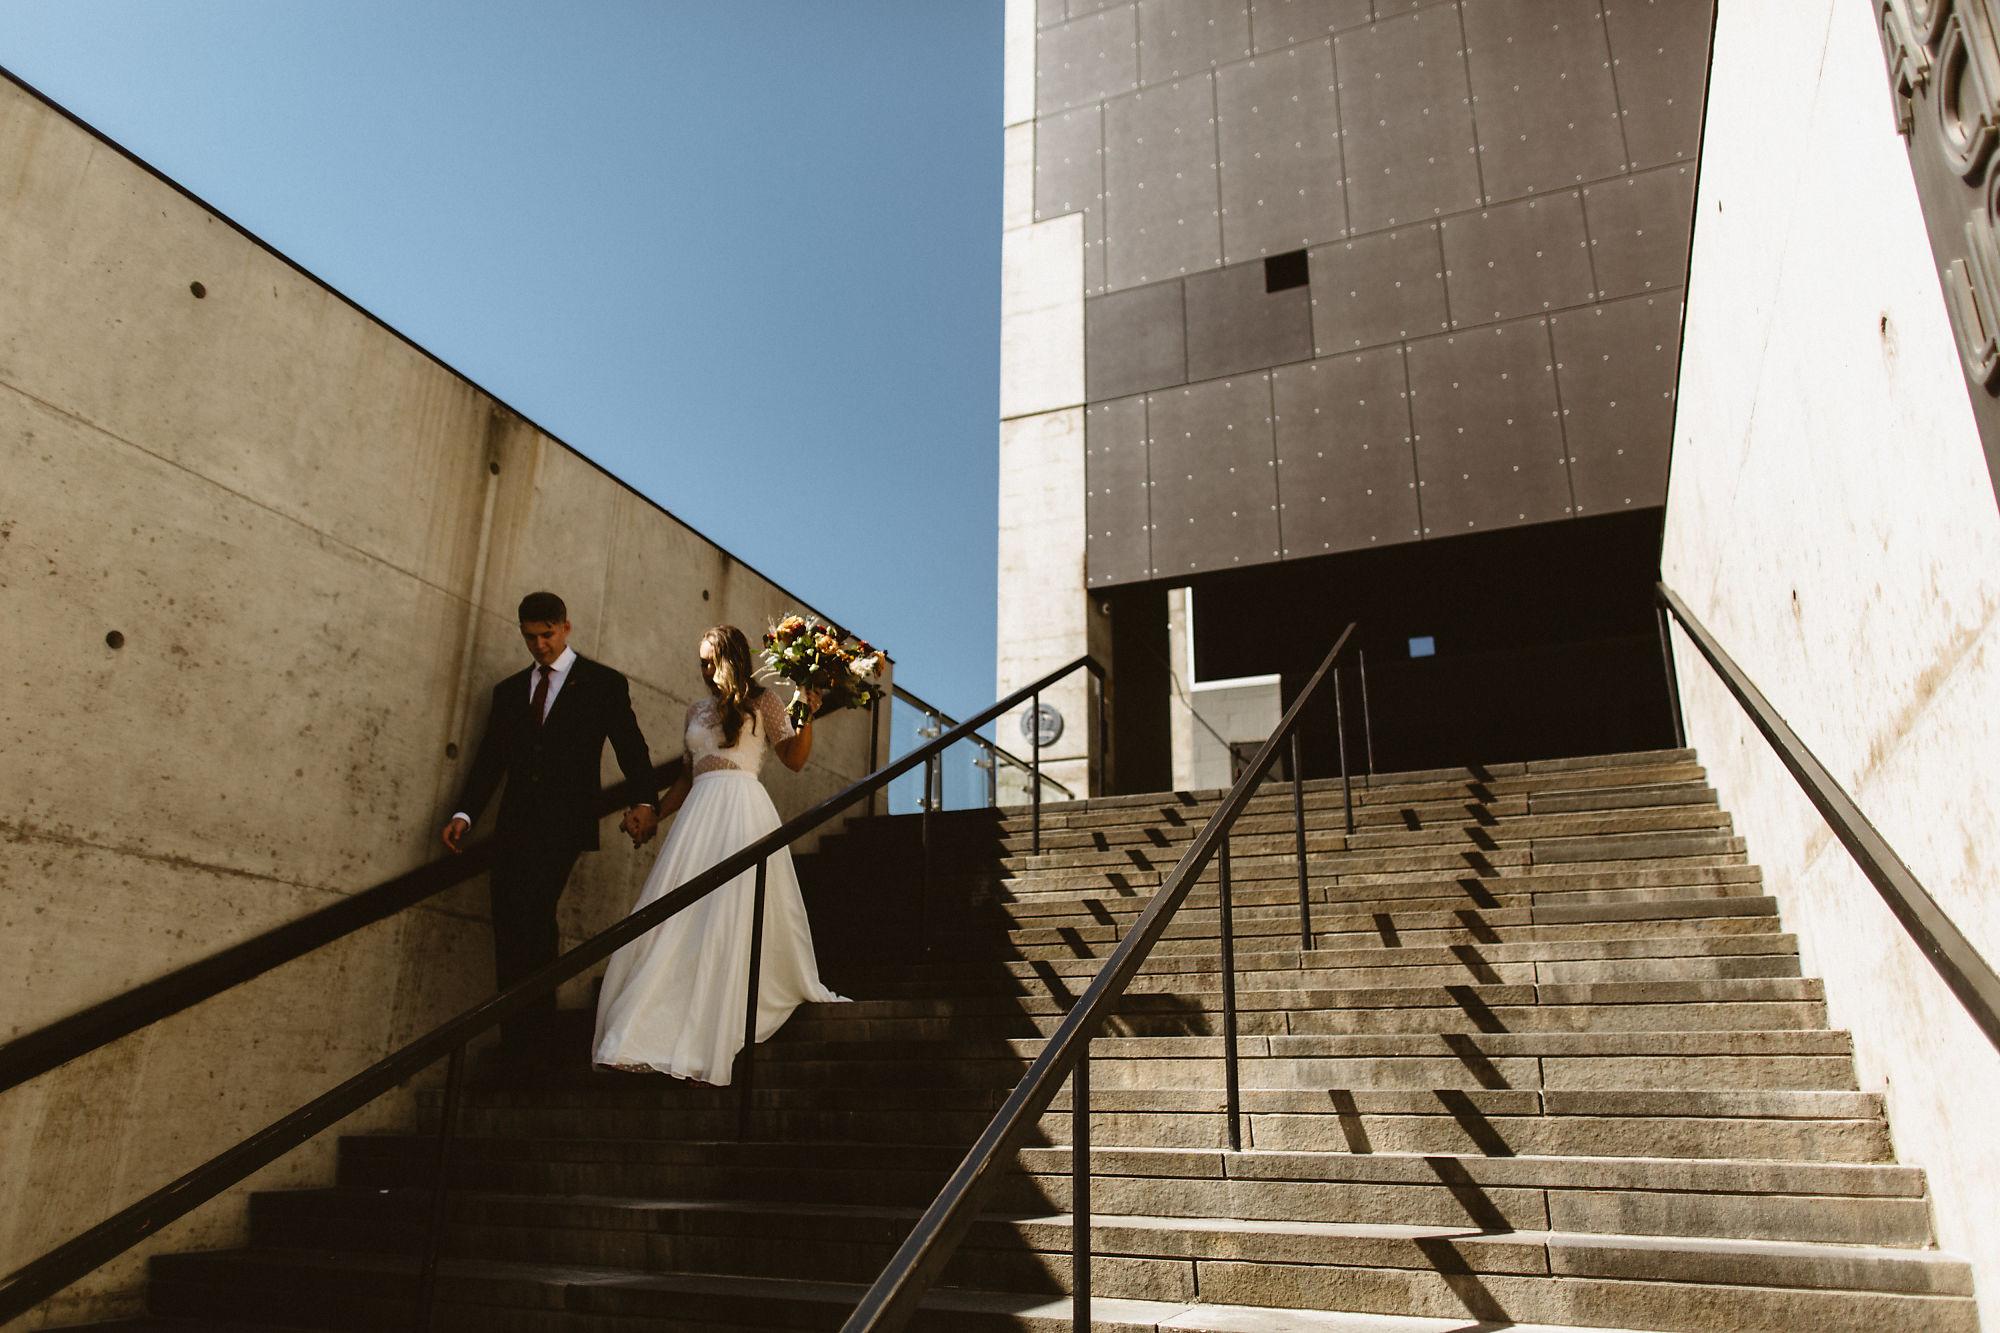 amber_cameron_malverde_wedding_photos123244.jpg